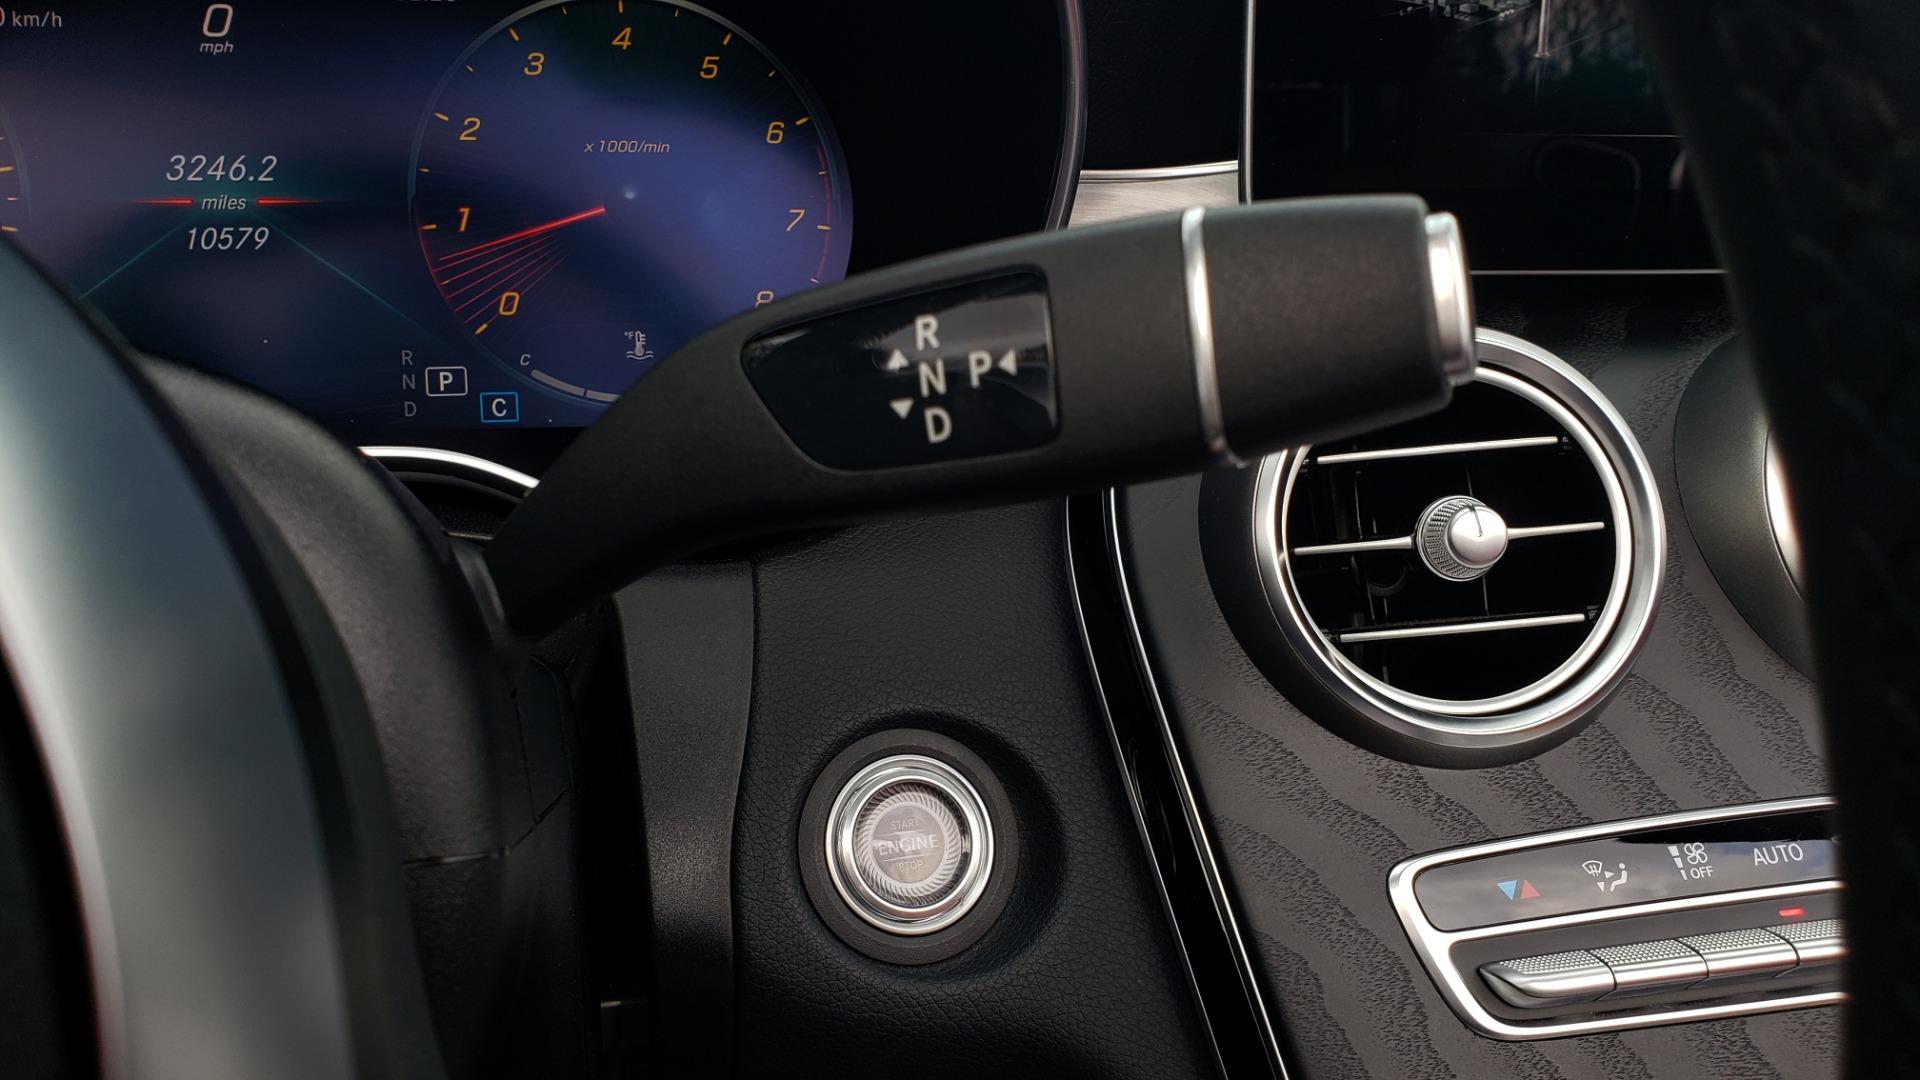 Used 2019 Mercedes-Benz C-CLASS C 300 CABRIOLET / PREM PKG / NAV / BURMESTER / MULTIMEDIA for sale Sold at Formula Imports in Charlotte NC 28227 43